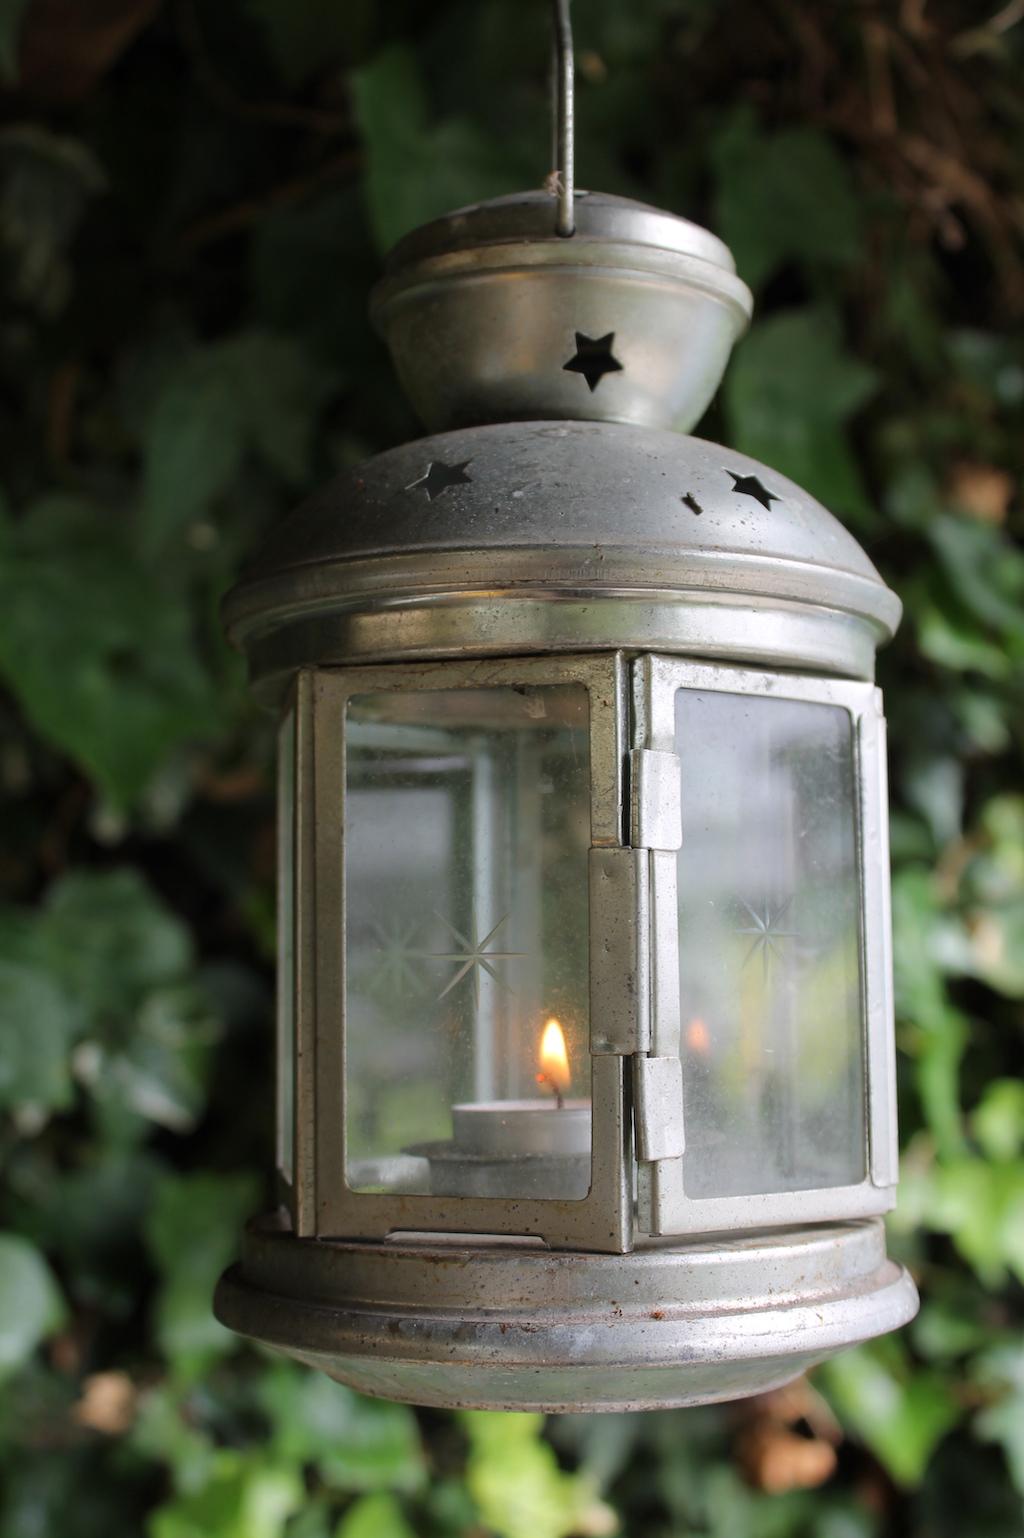 Summer garden party style: hurricane lantern